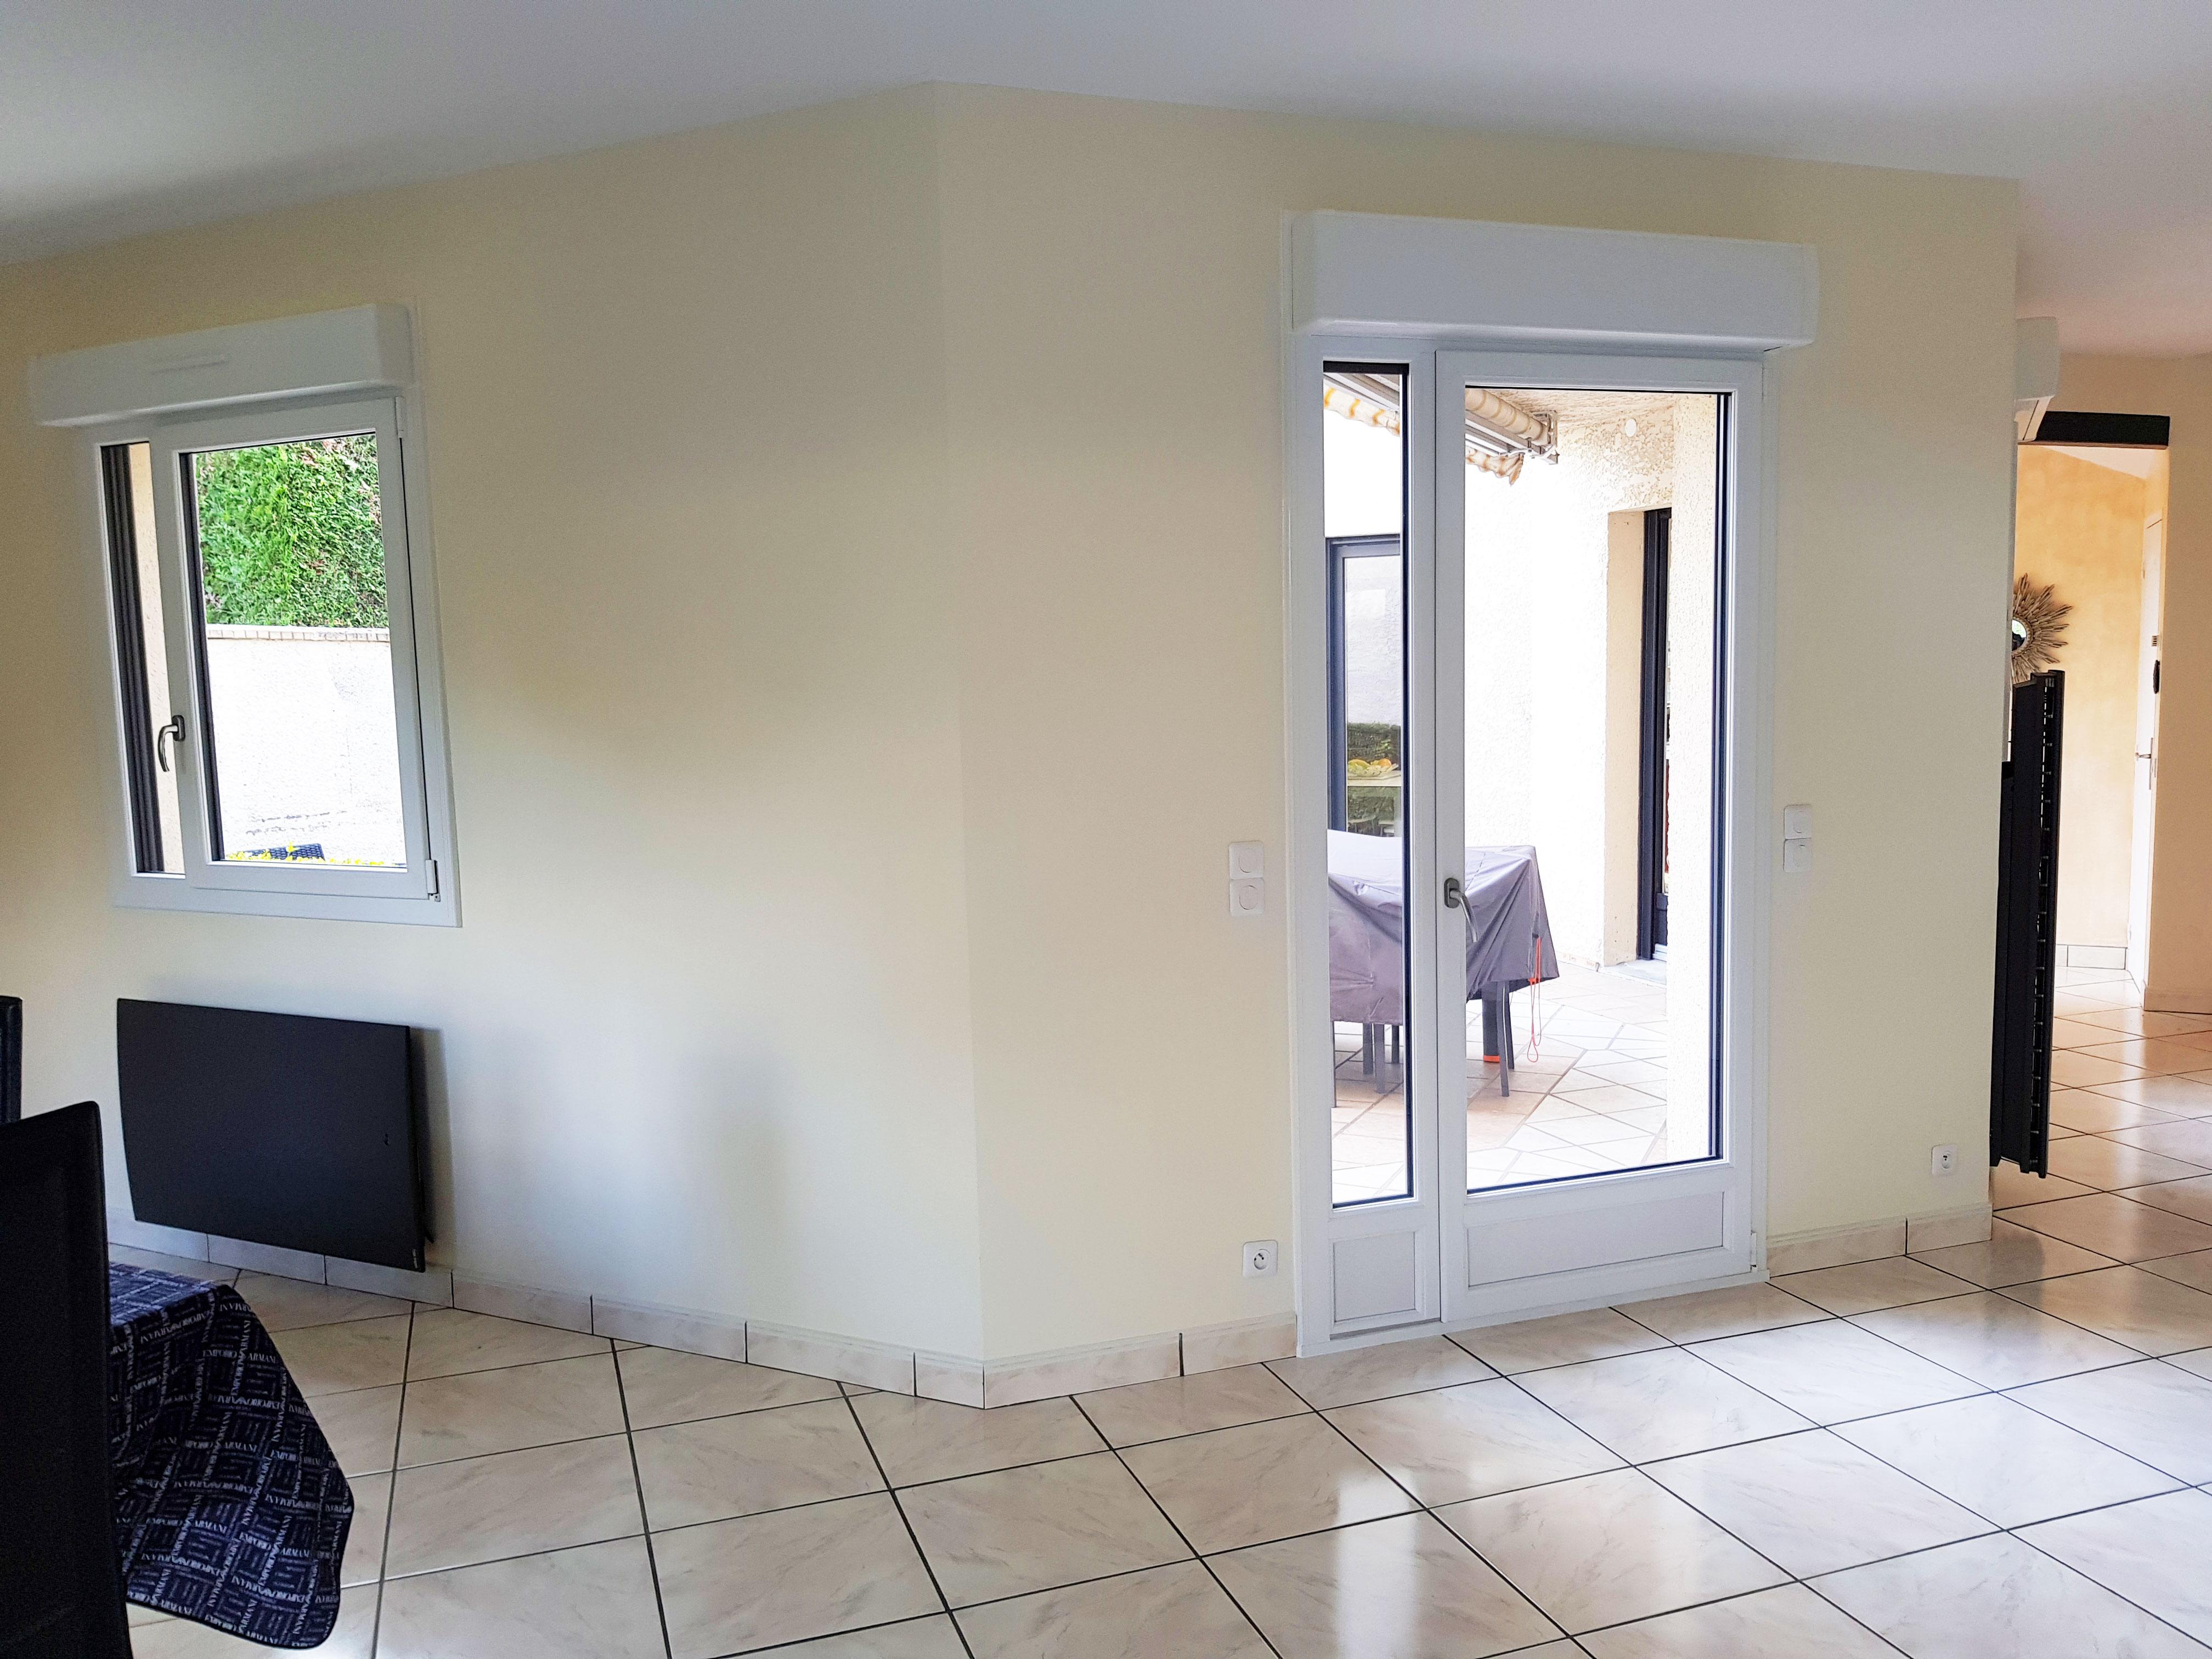 fenêtre et porte fenêtre salle à manger